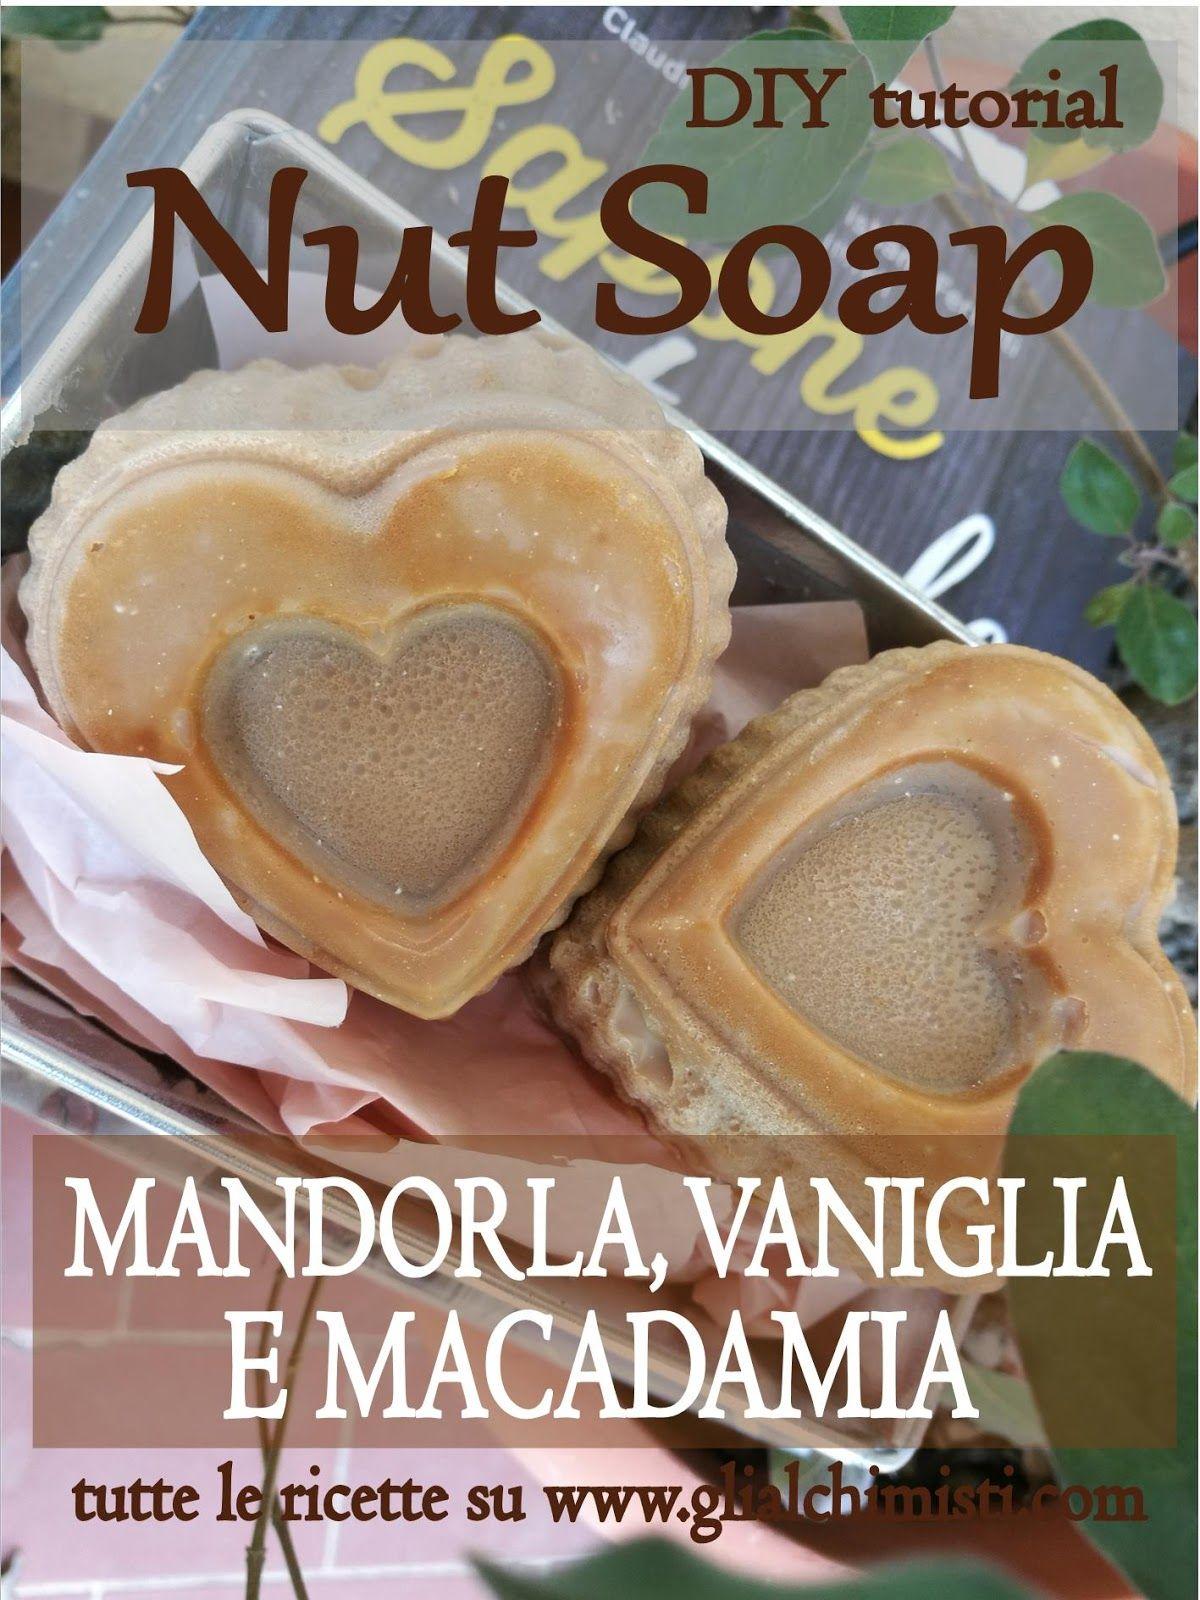 Ricette di saponi naturali fatti in casa shampoo cosmetici - Detersivi naturali fatti in casa ...